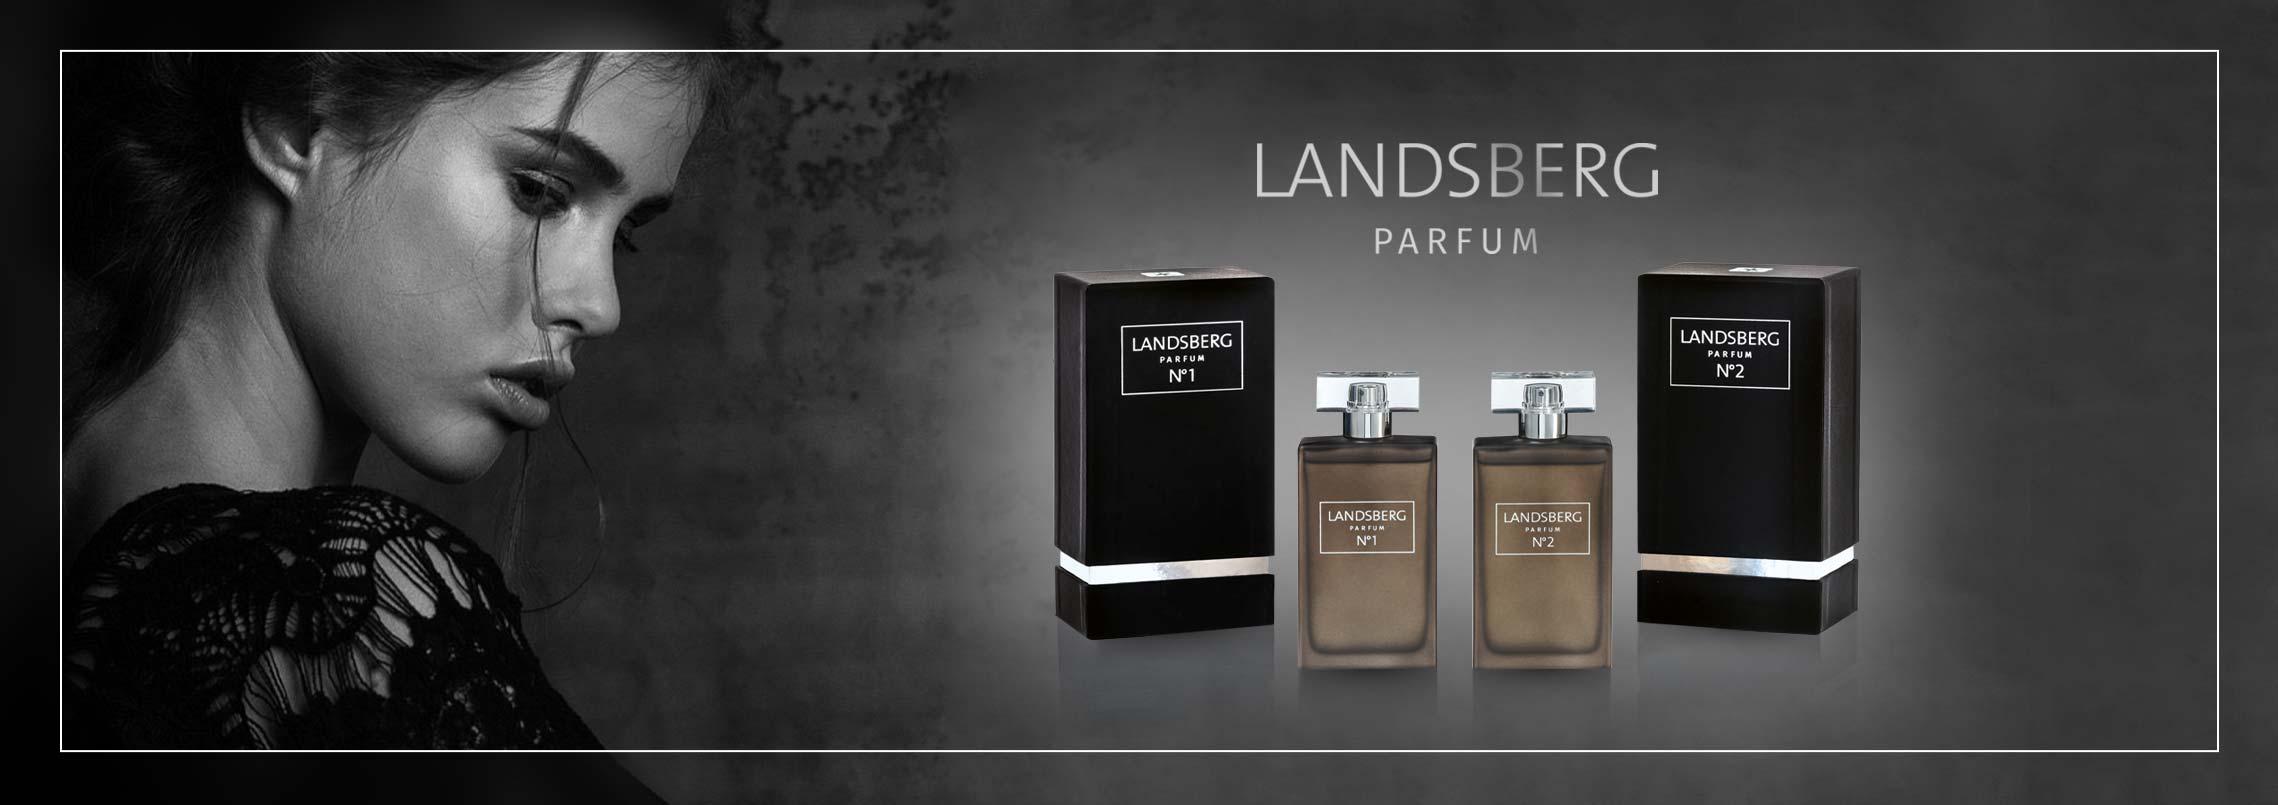 JetYourSkin-Landsberg-Concept-Store-produkte-landsberg-parfum